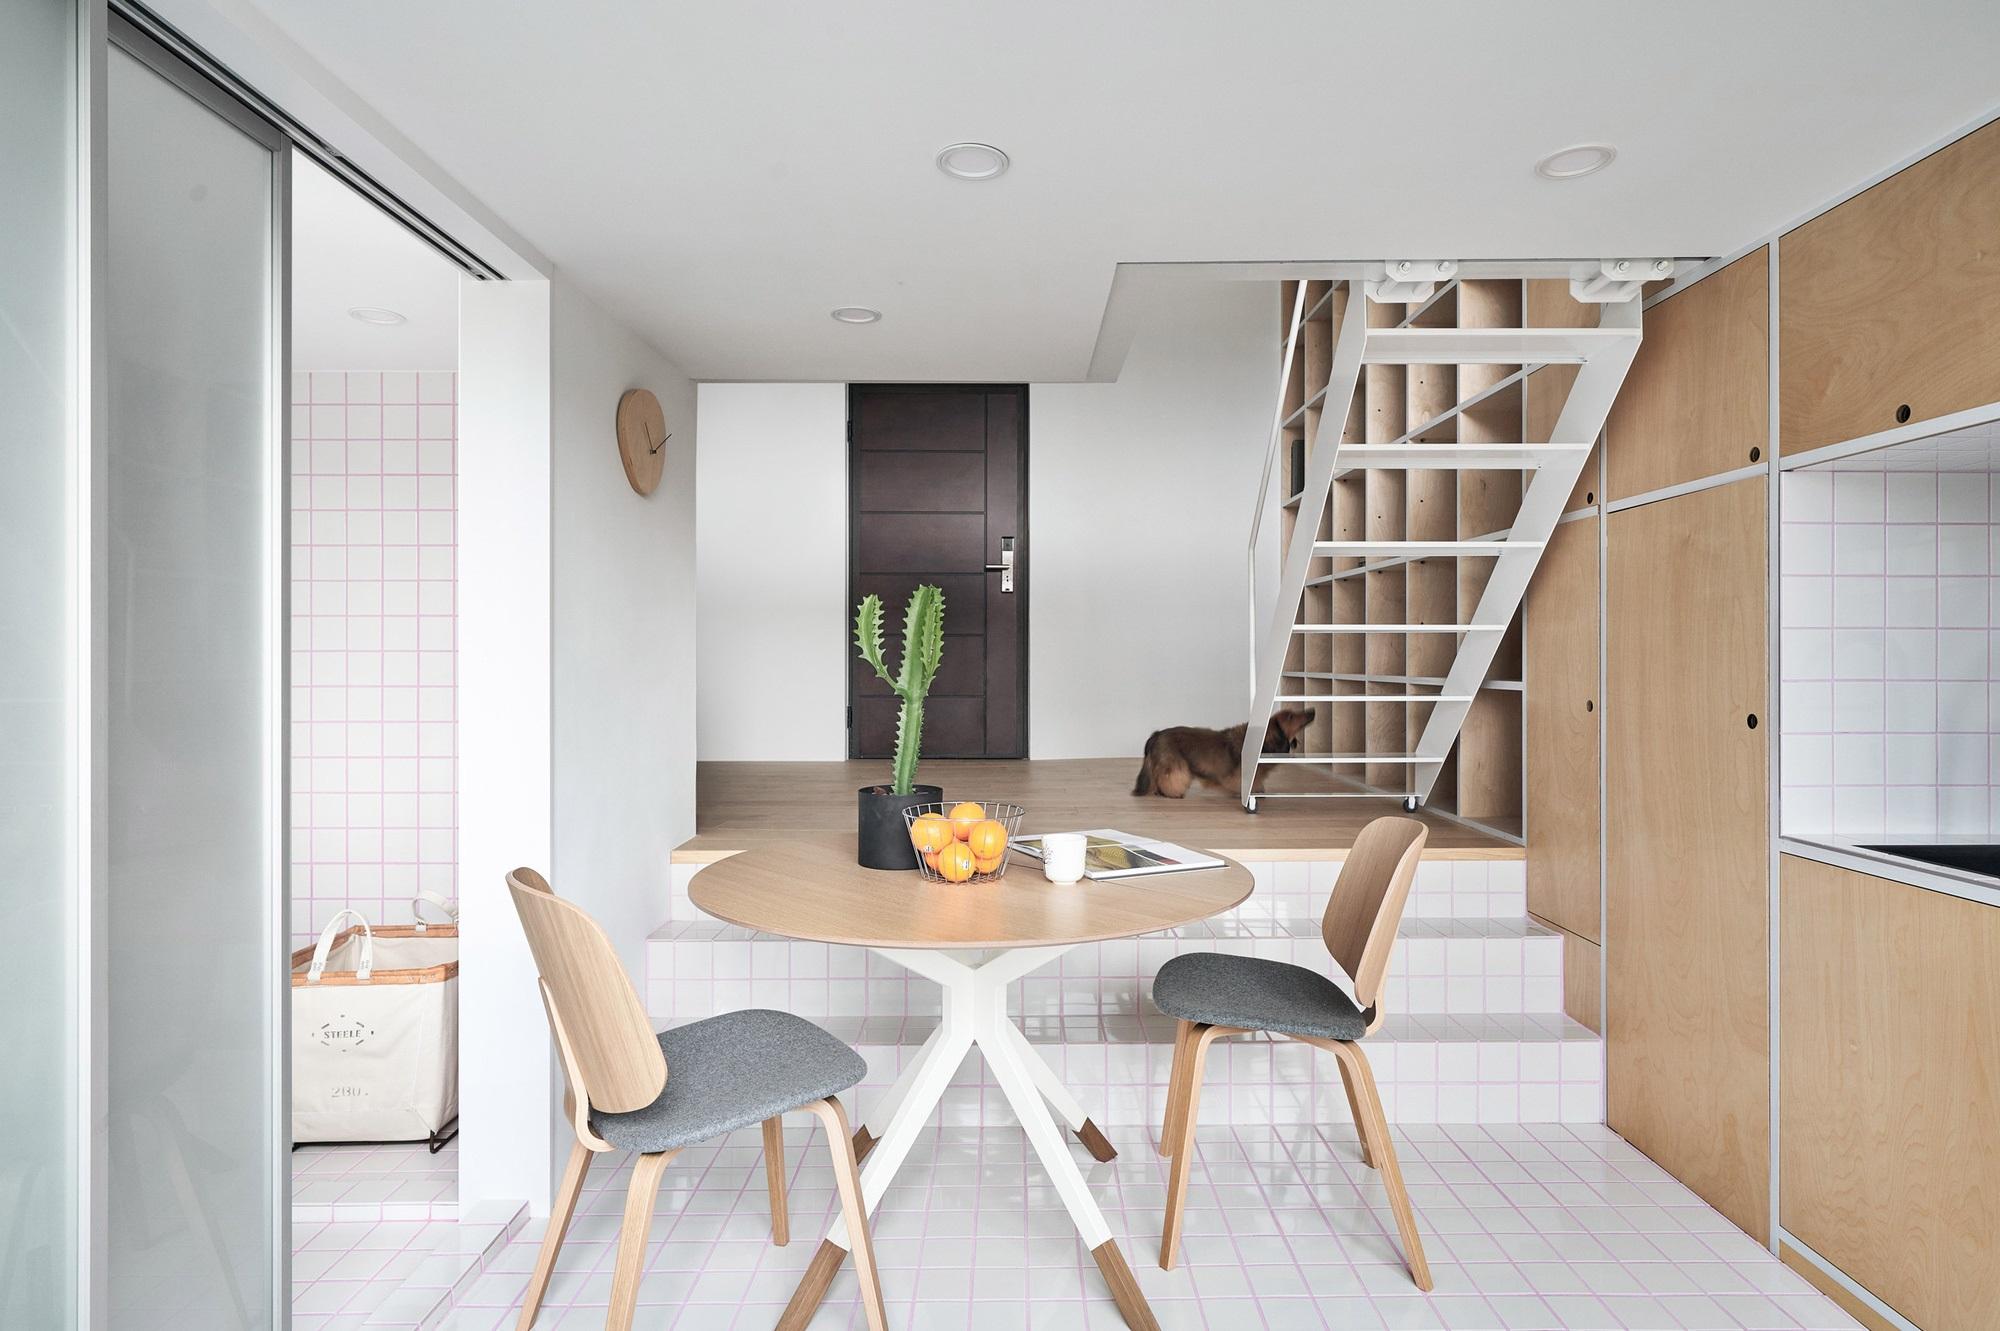 Căn hộ rộng 33m² siêu ấn tượng từ cách thiết kế đến bài trí nội thất - Ảnh 2